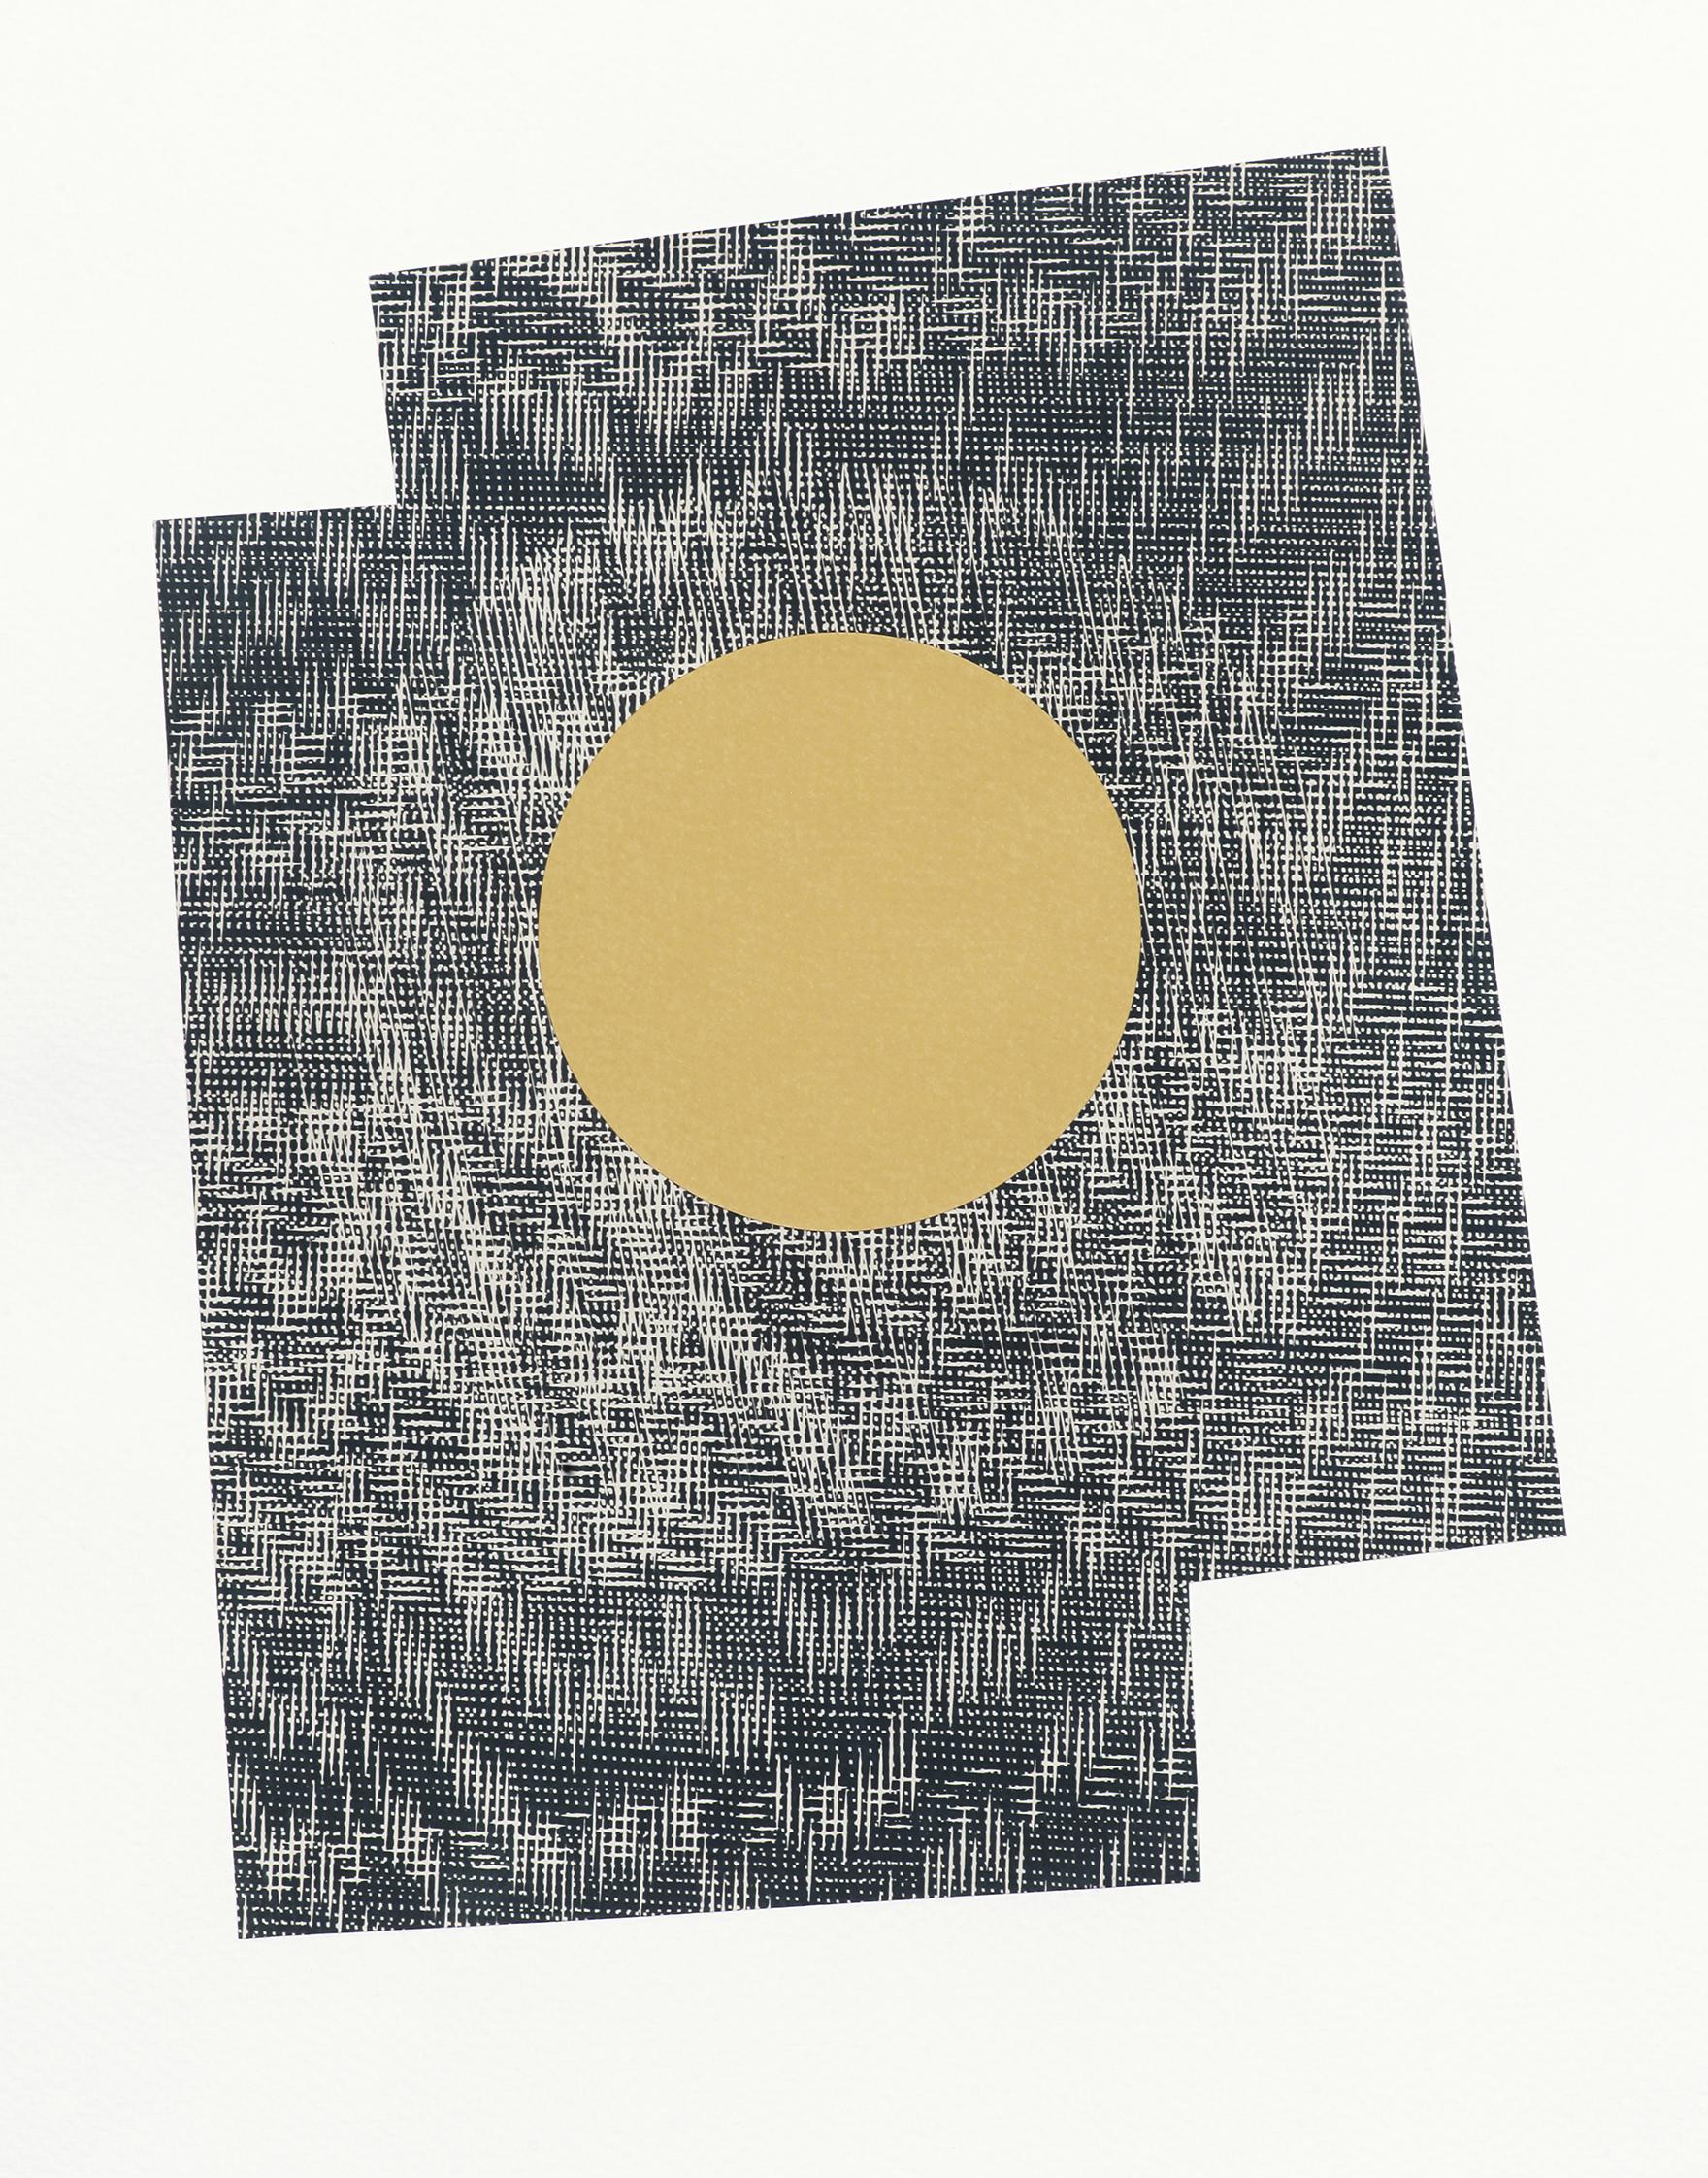 Epicentre - paper collage; 27,4 x 37,7 cm; 2018